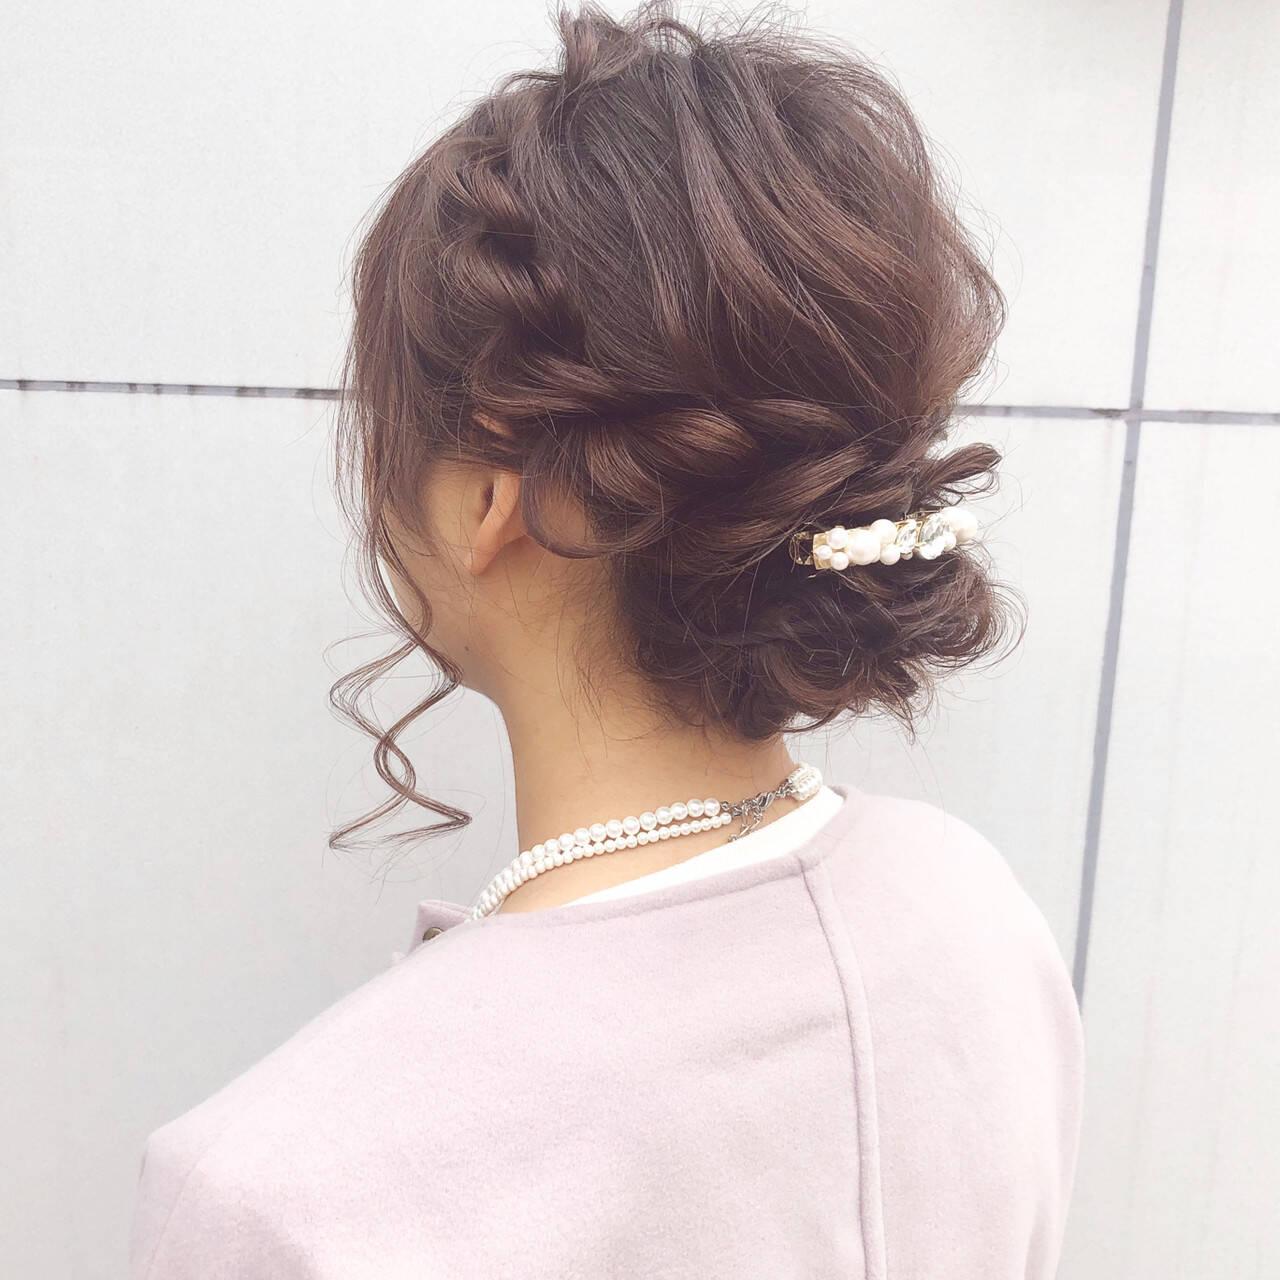 セミロング デート 結婚式 ヘアアレンジヘアスタイルや髪型の写真・画像